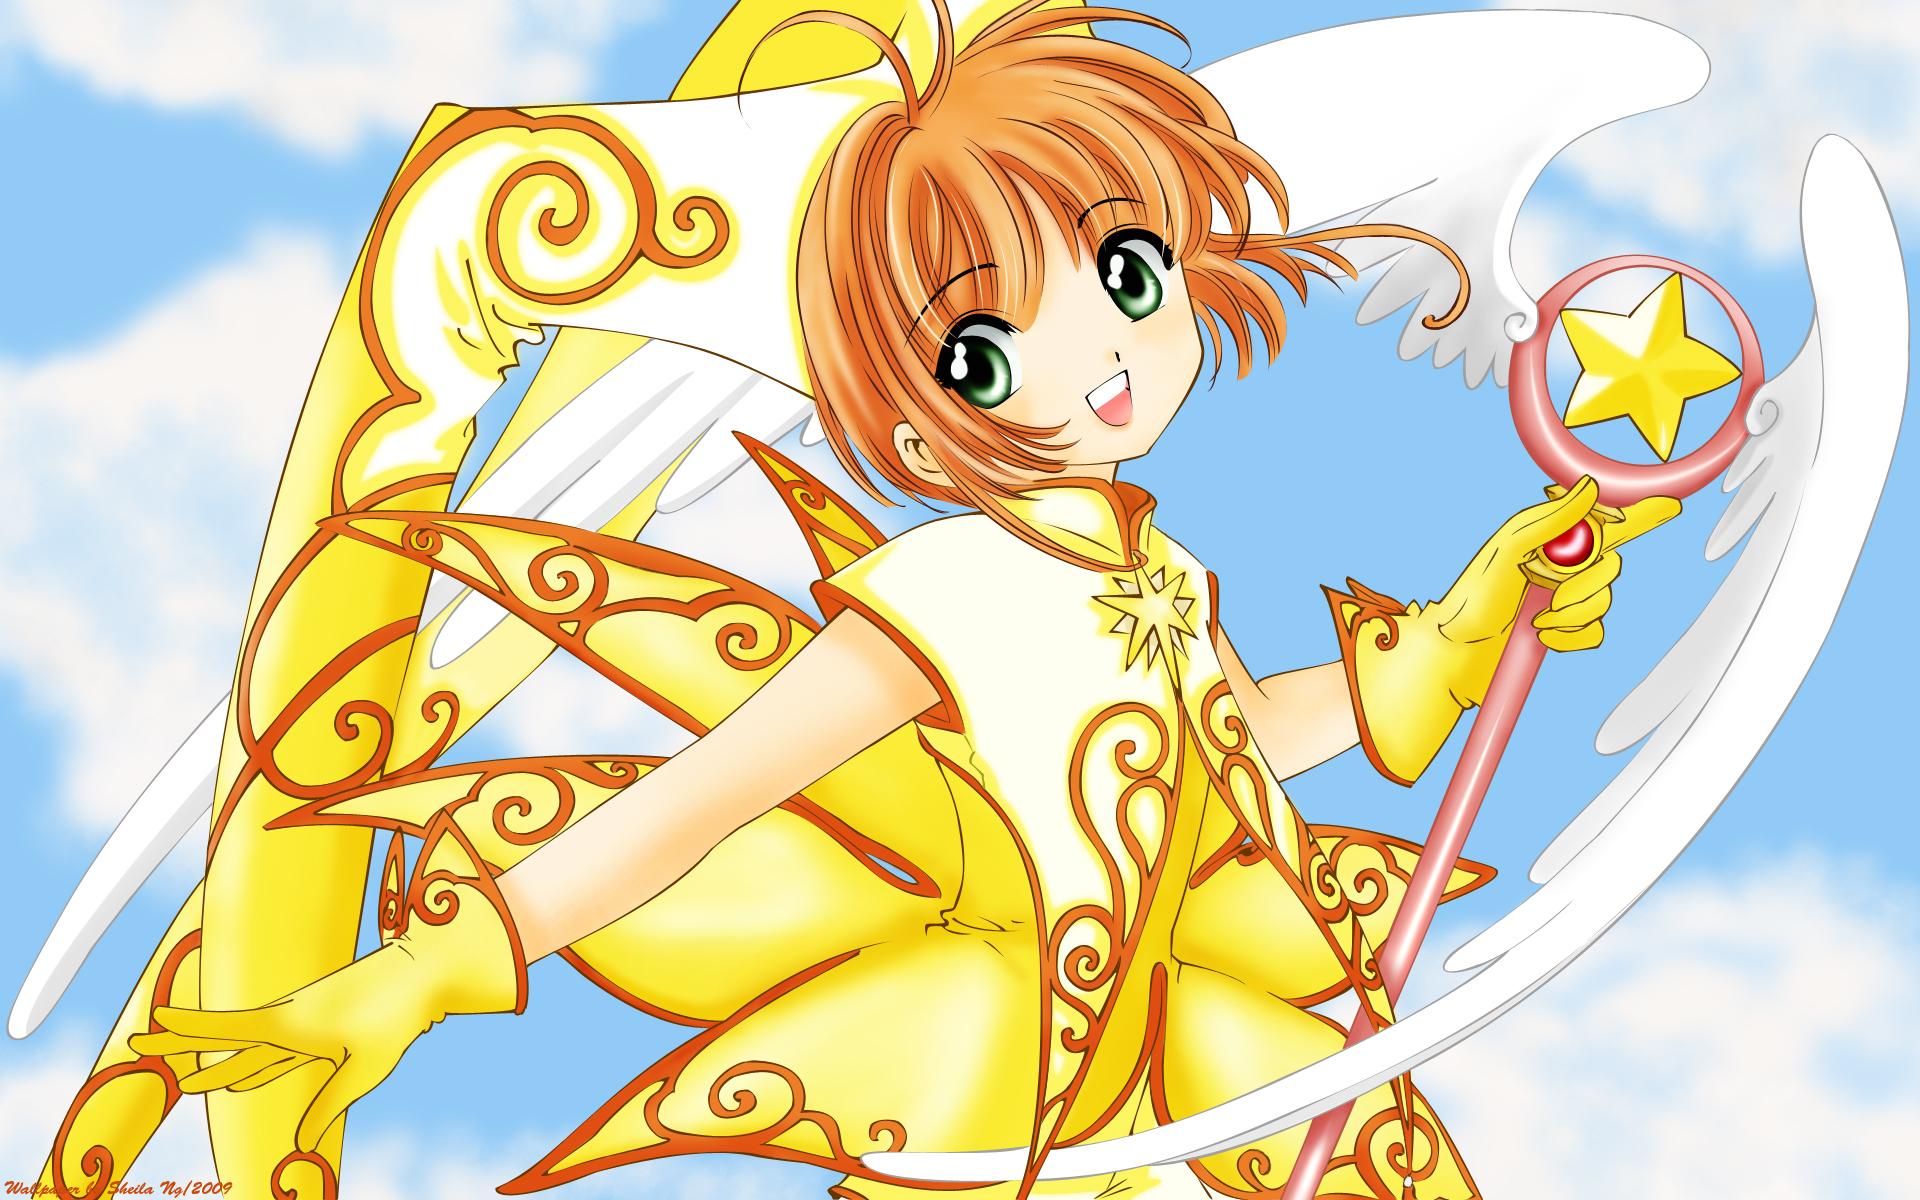 Cardcaptor Sakura Wallpaper: Groovy! - Minitokyo